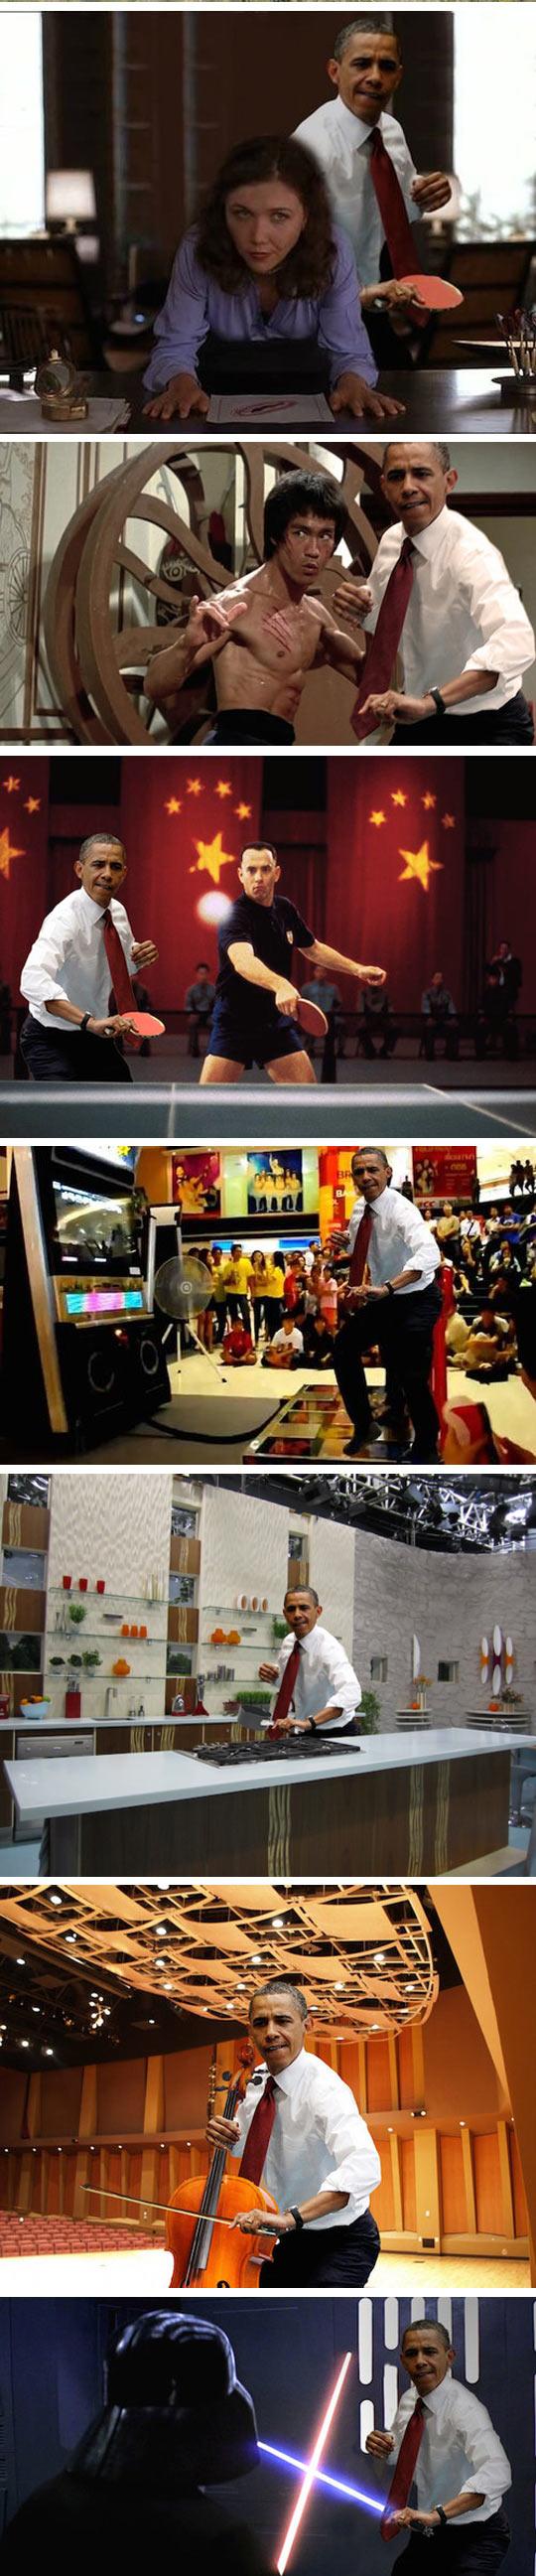 funny-Obama-photoshopped-ping-pong-battle-Bruce-Lee